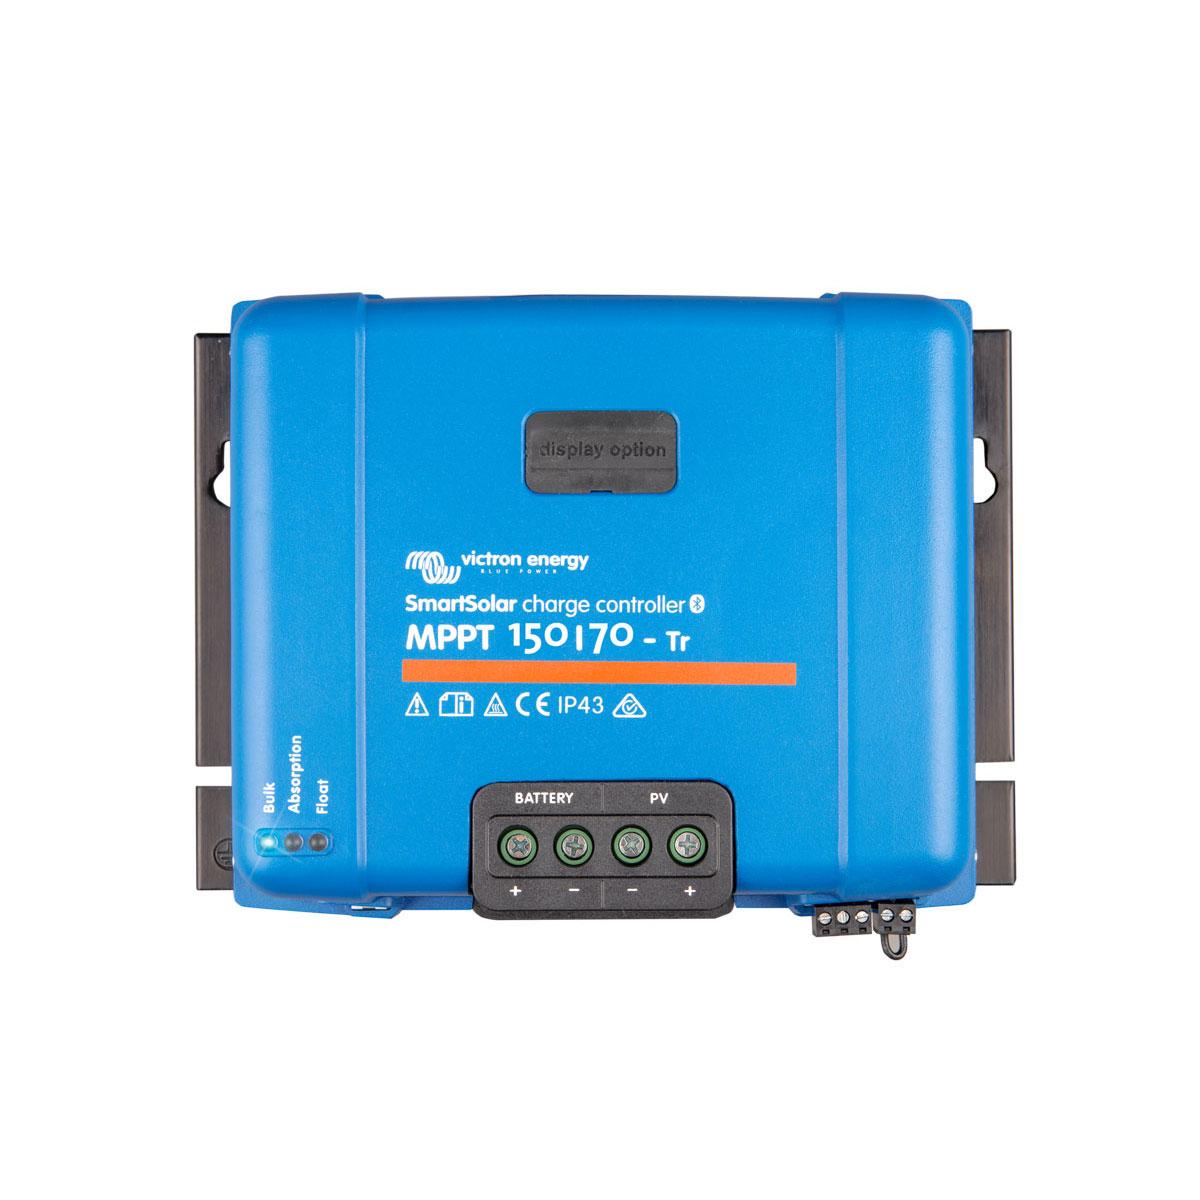 SmartSolar MPPT 150/70-Tr Laderegler